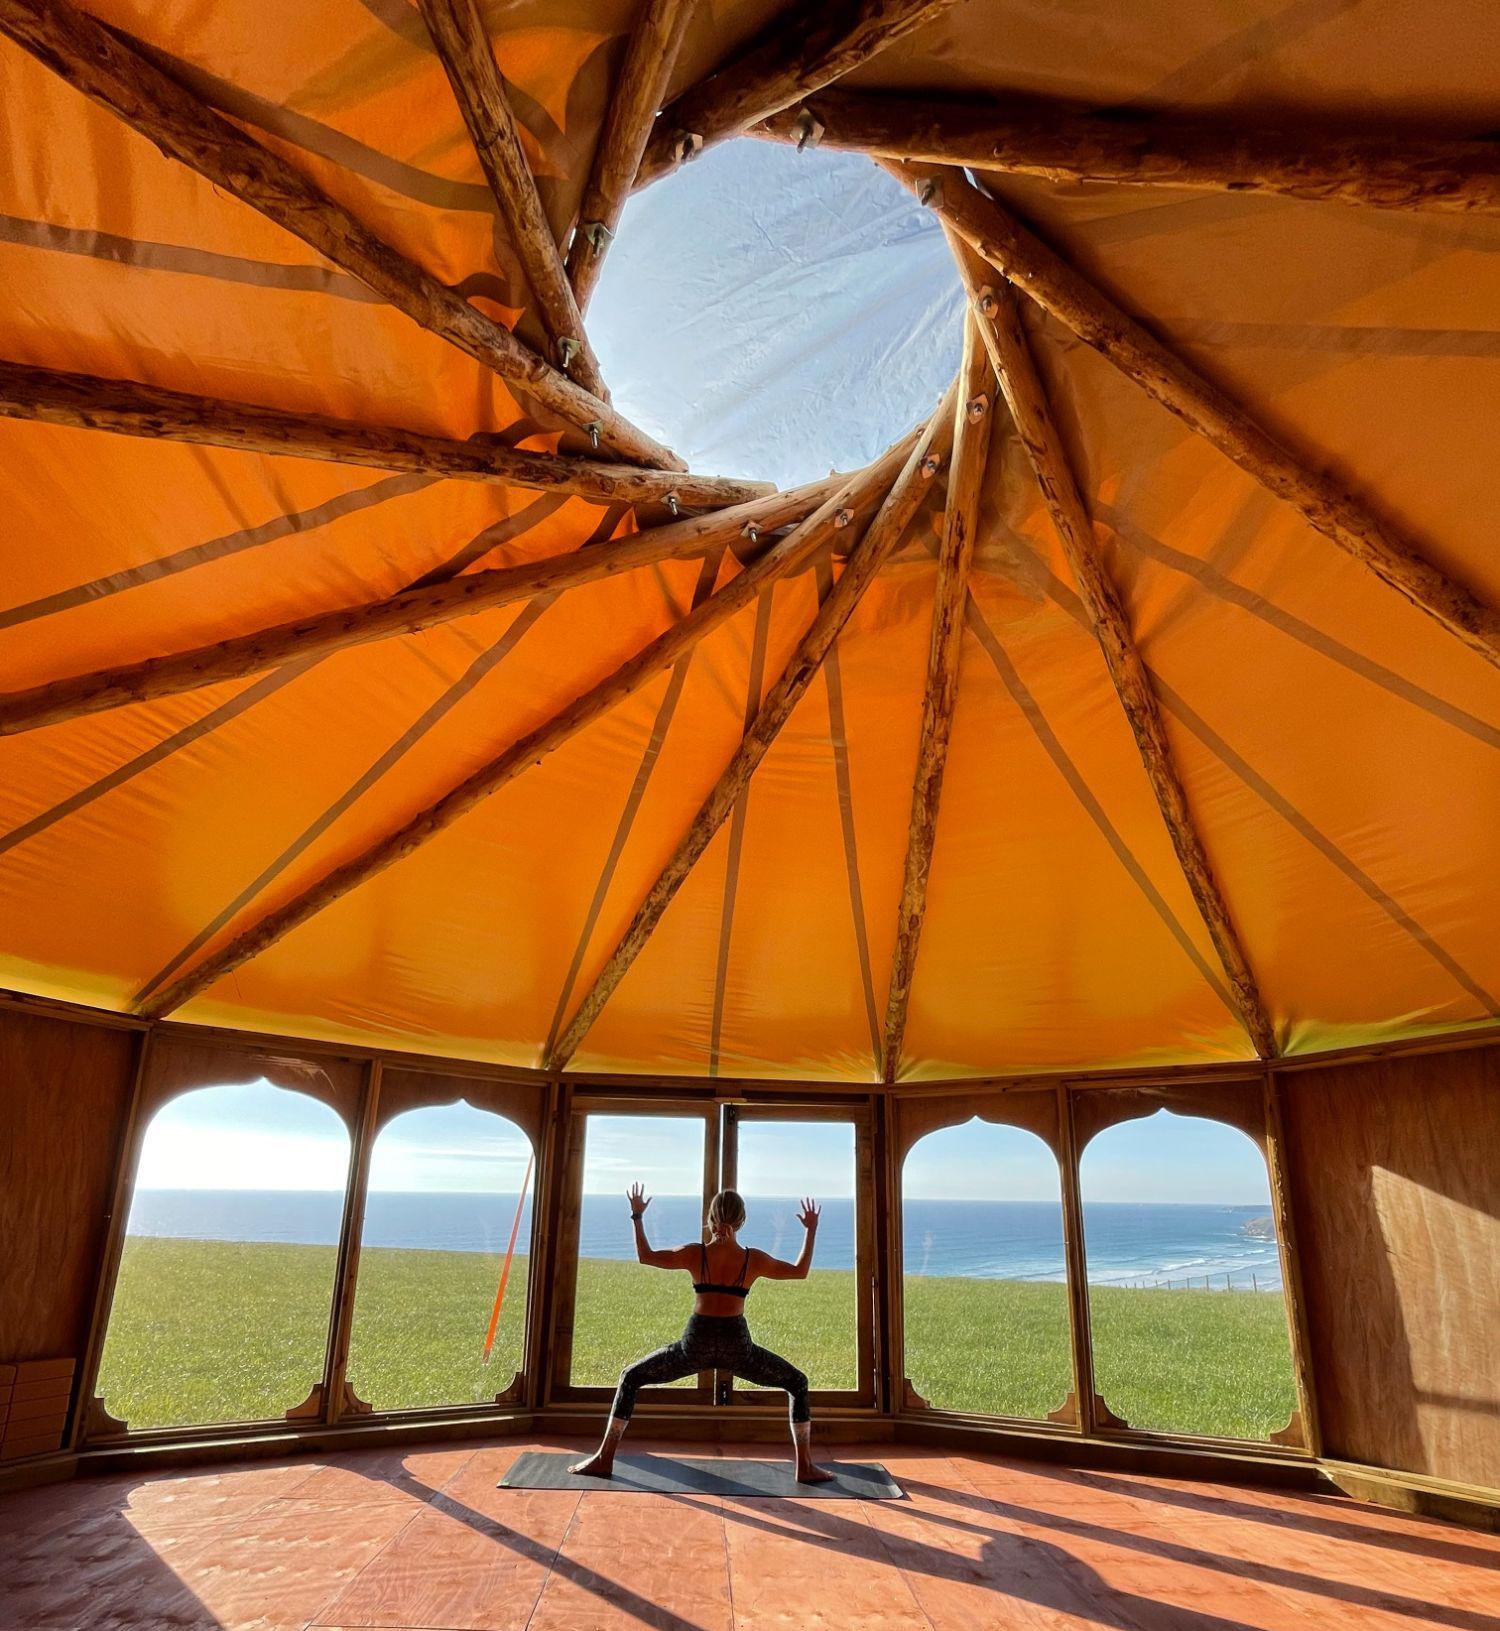 Zen Den Yoga School inside Yurt